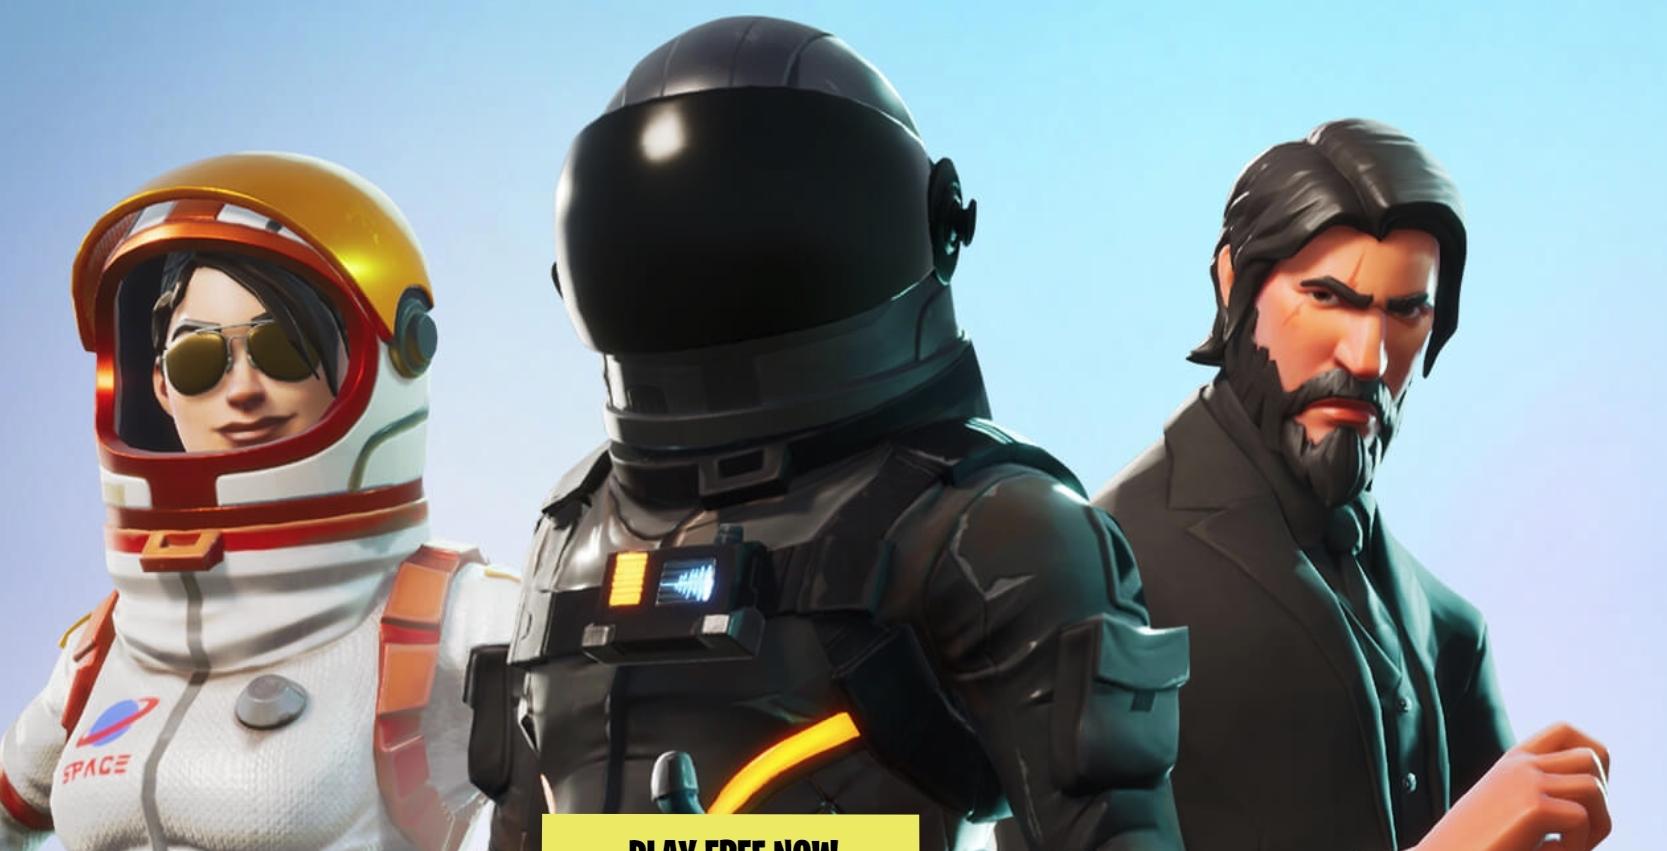 Sony nekter å la Xbox- og PS-spillere konkurrere mot hverandre i Fortnite, men husk at Microsoft var like negative den gang de ledet konsoll-racet.